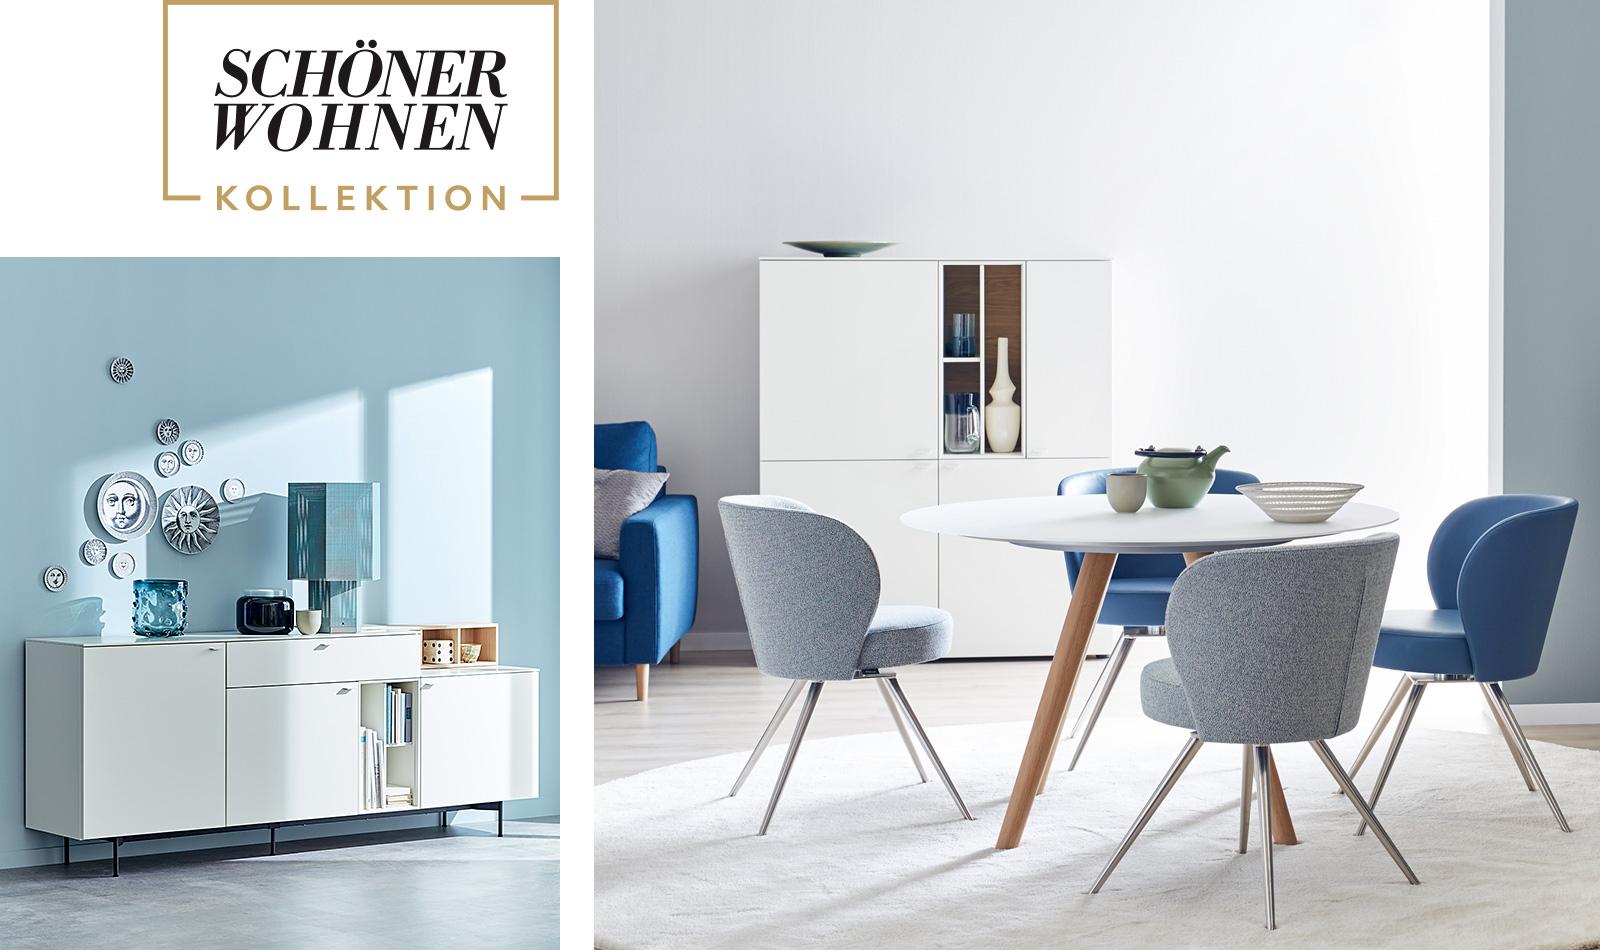 unternehmen sch ner wohnen venjakob m bel vorsprung durch design und qualit t. Black Bedroom Furniture Sets. Home Design Ideas